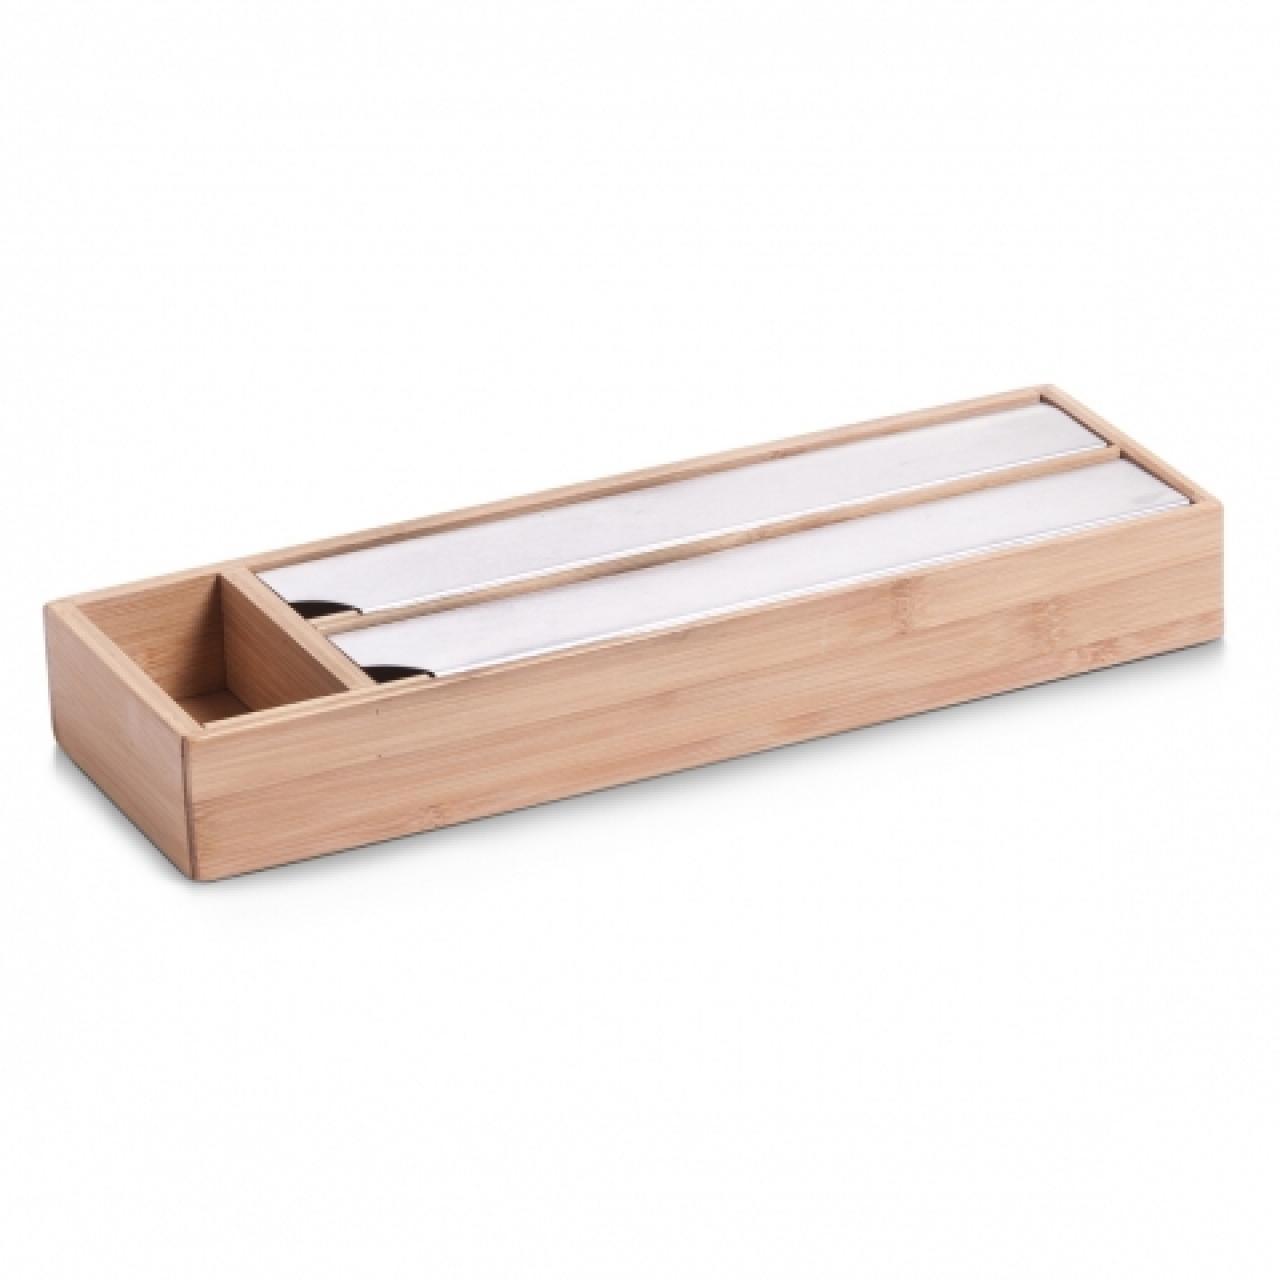 Suport pentru folie și alufolie Zeller din bambus